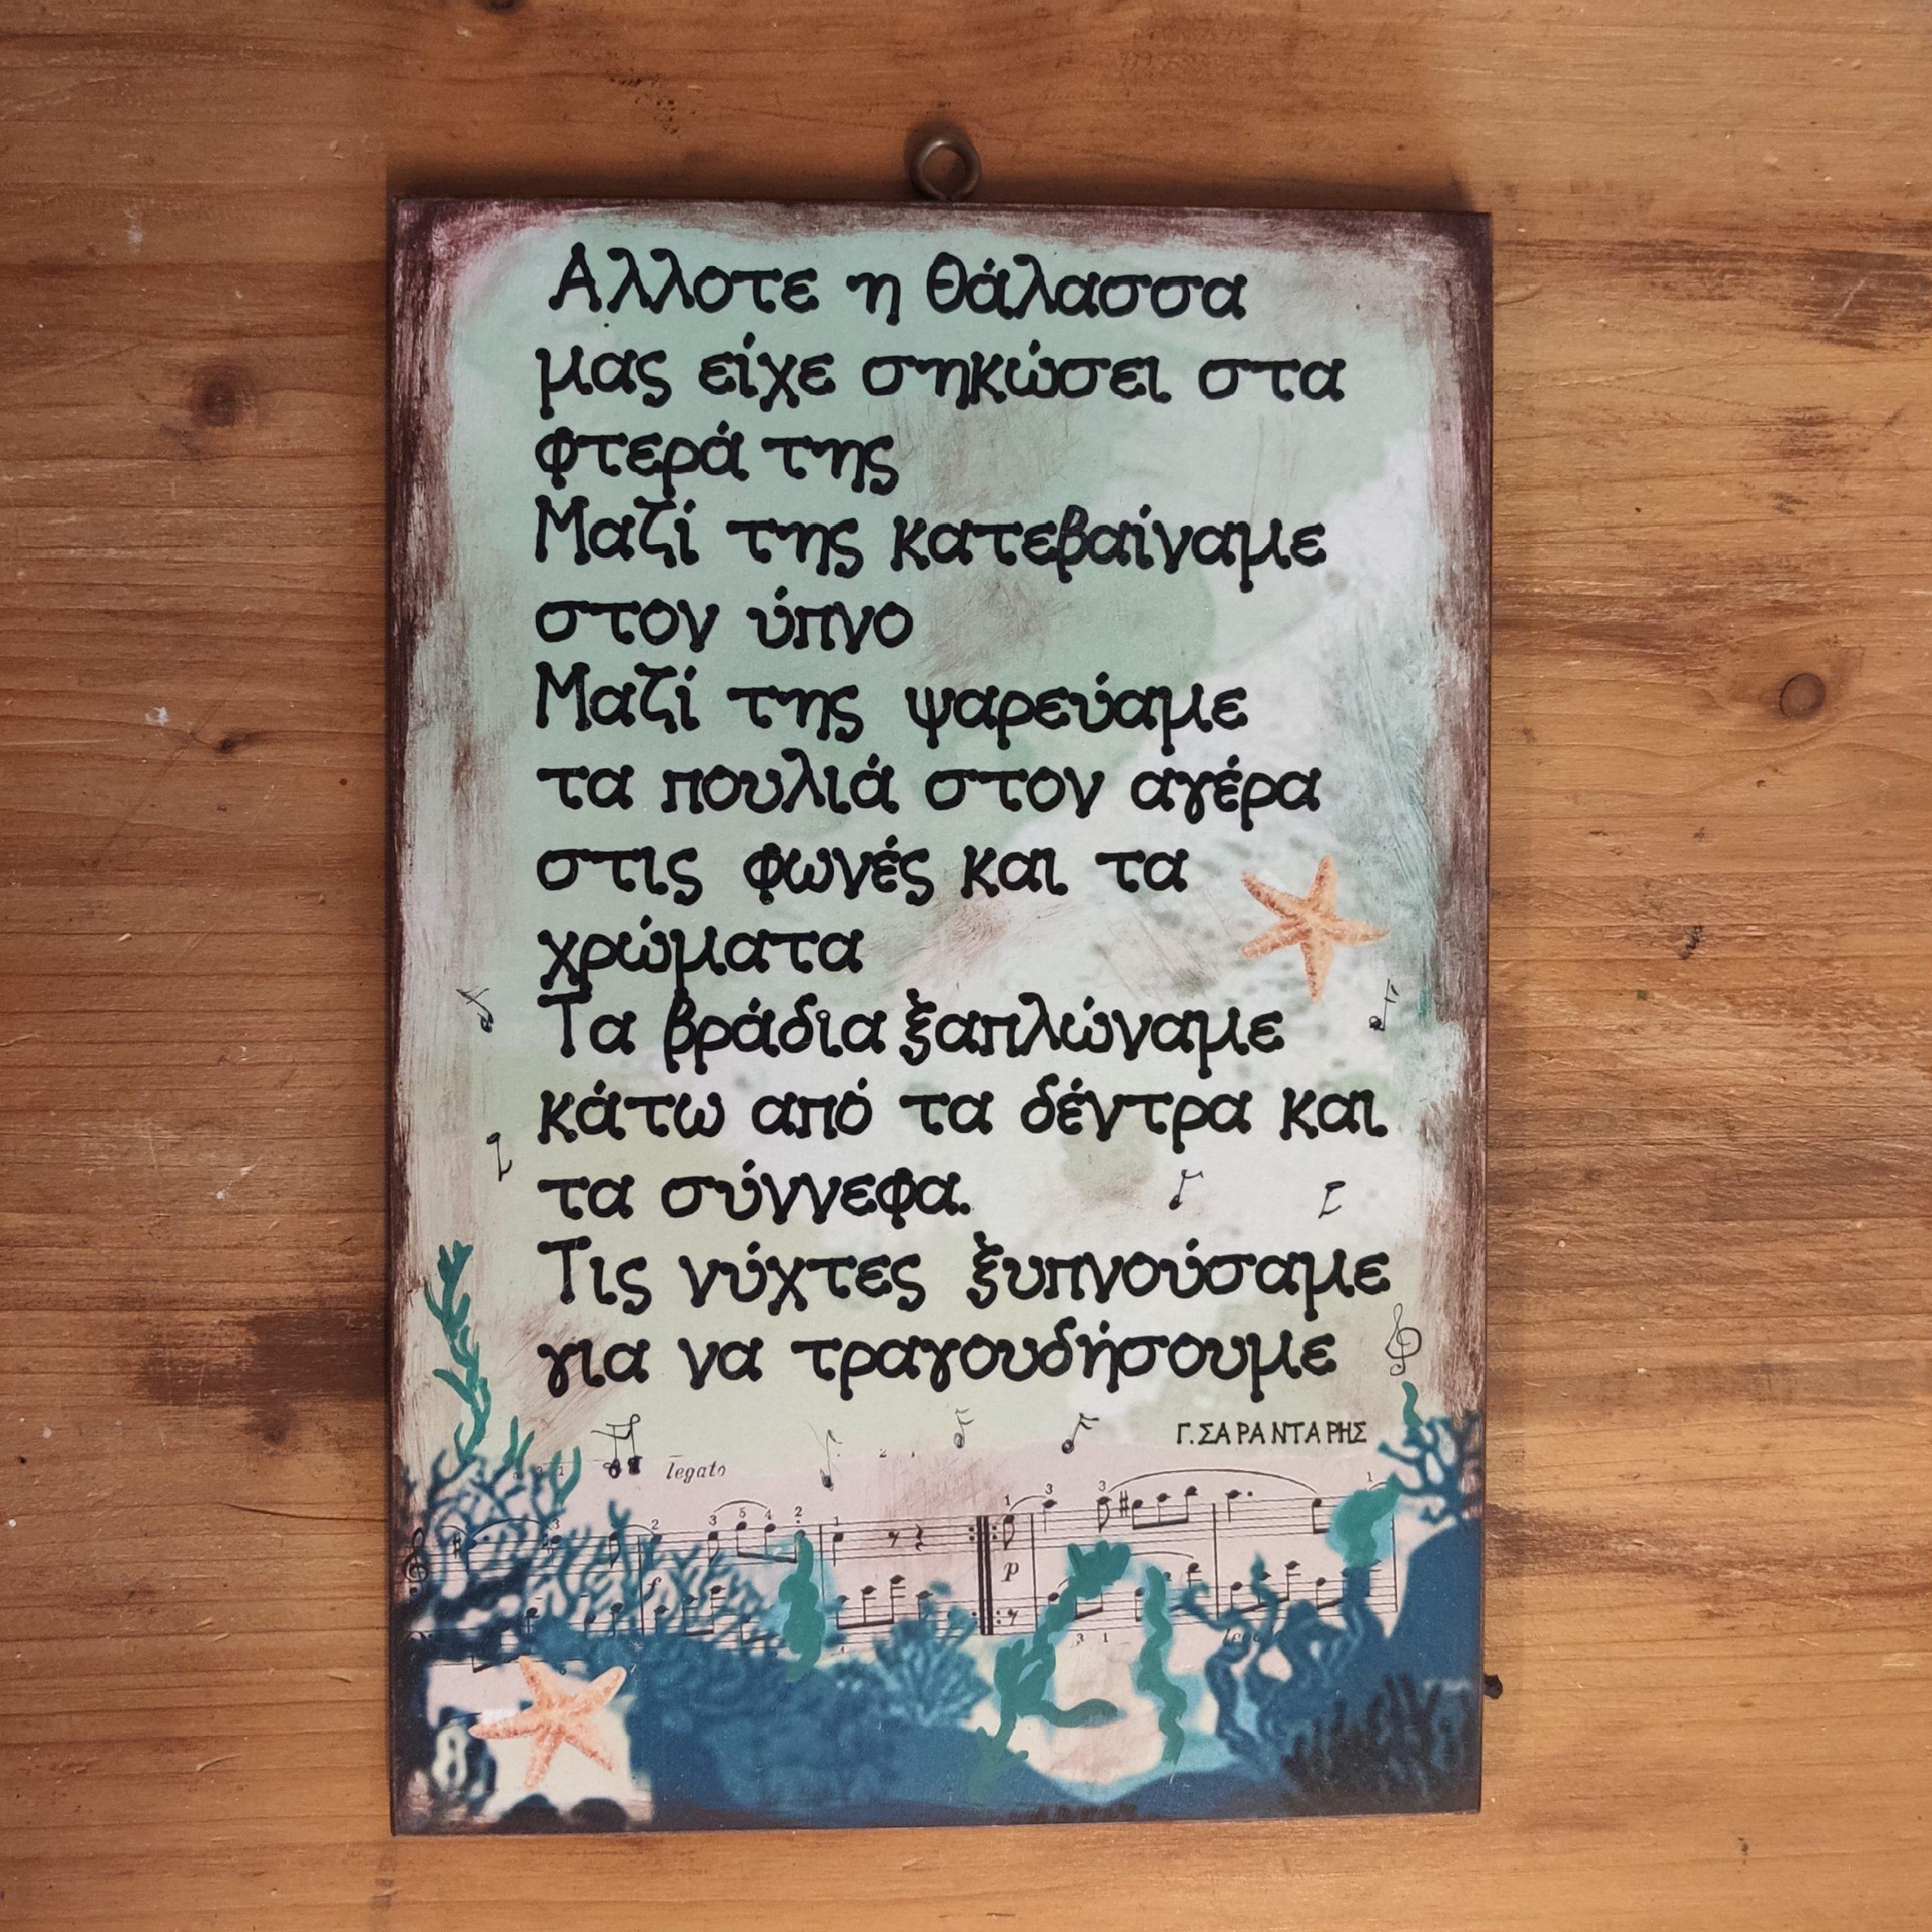 Ξύλινη πινακίδα – Άλλοτε η θάλασσα…